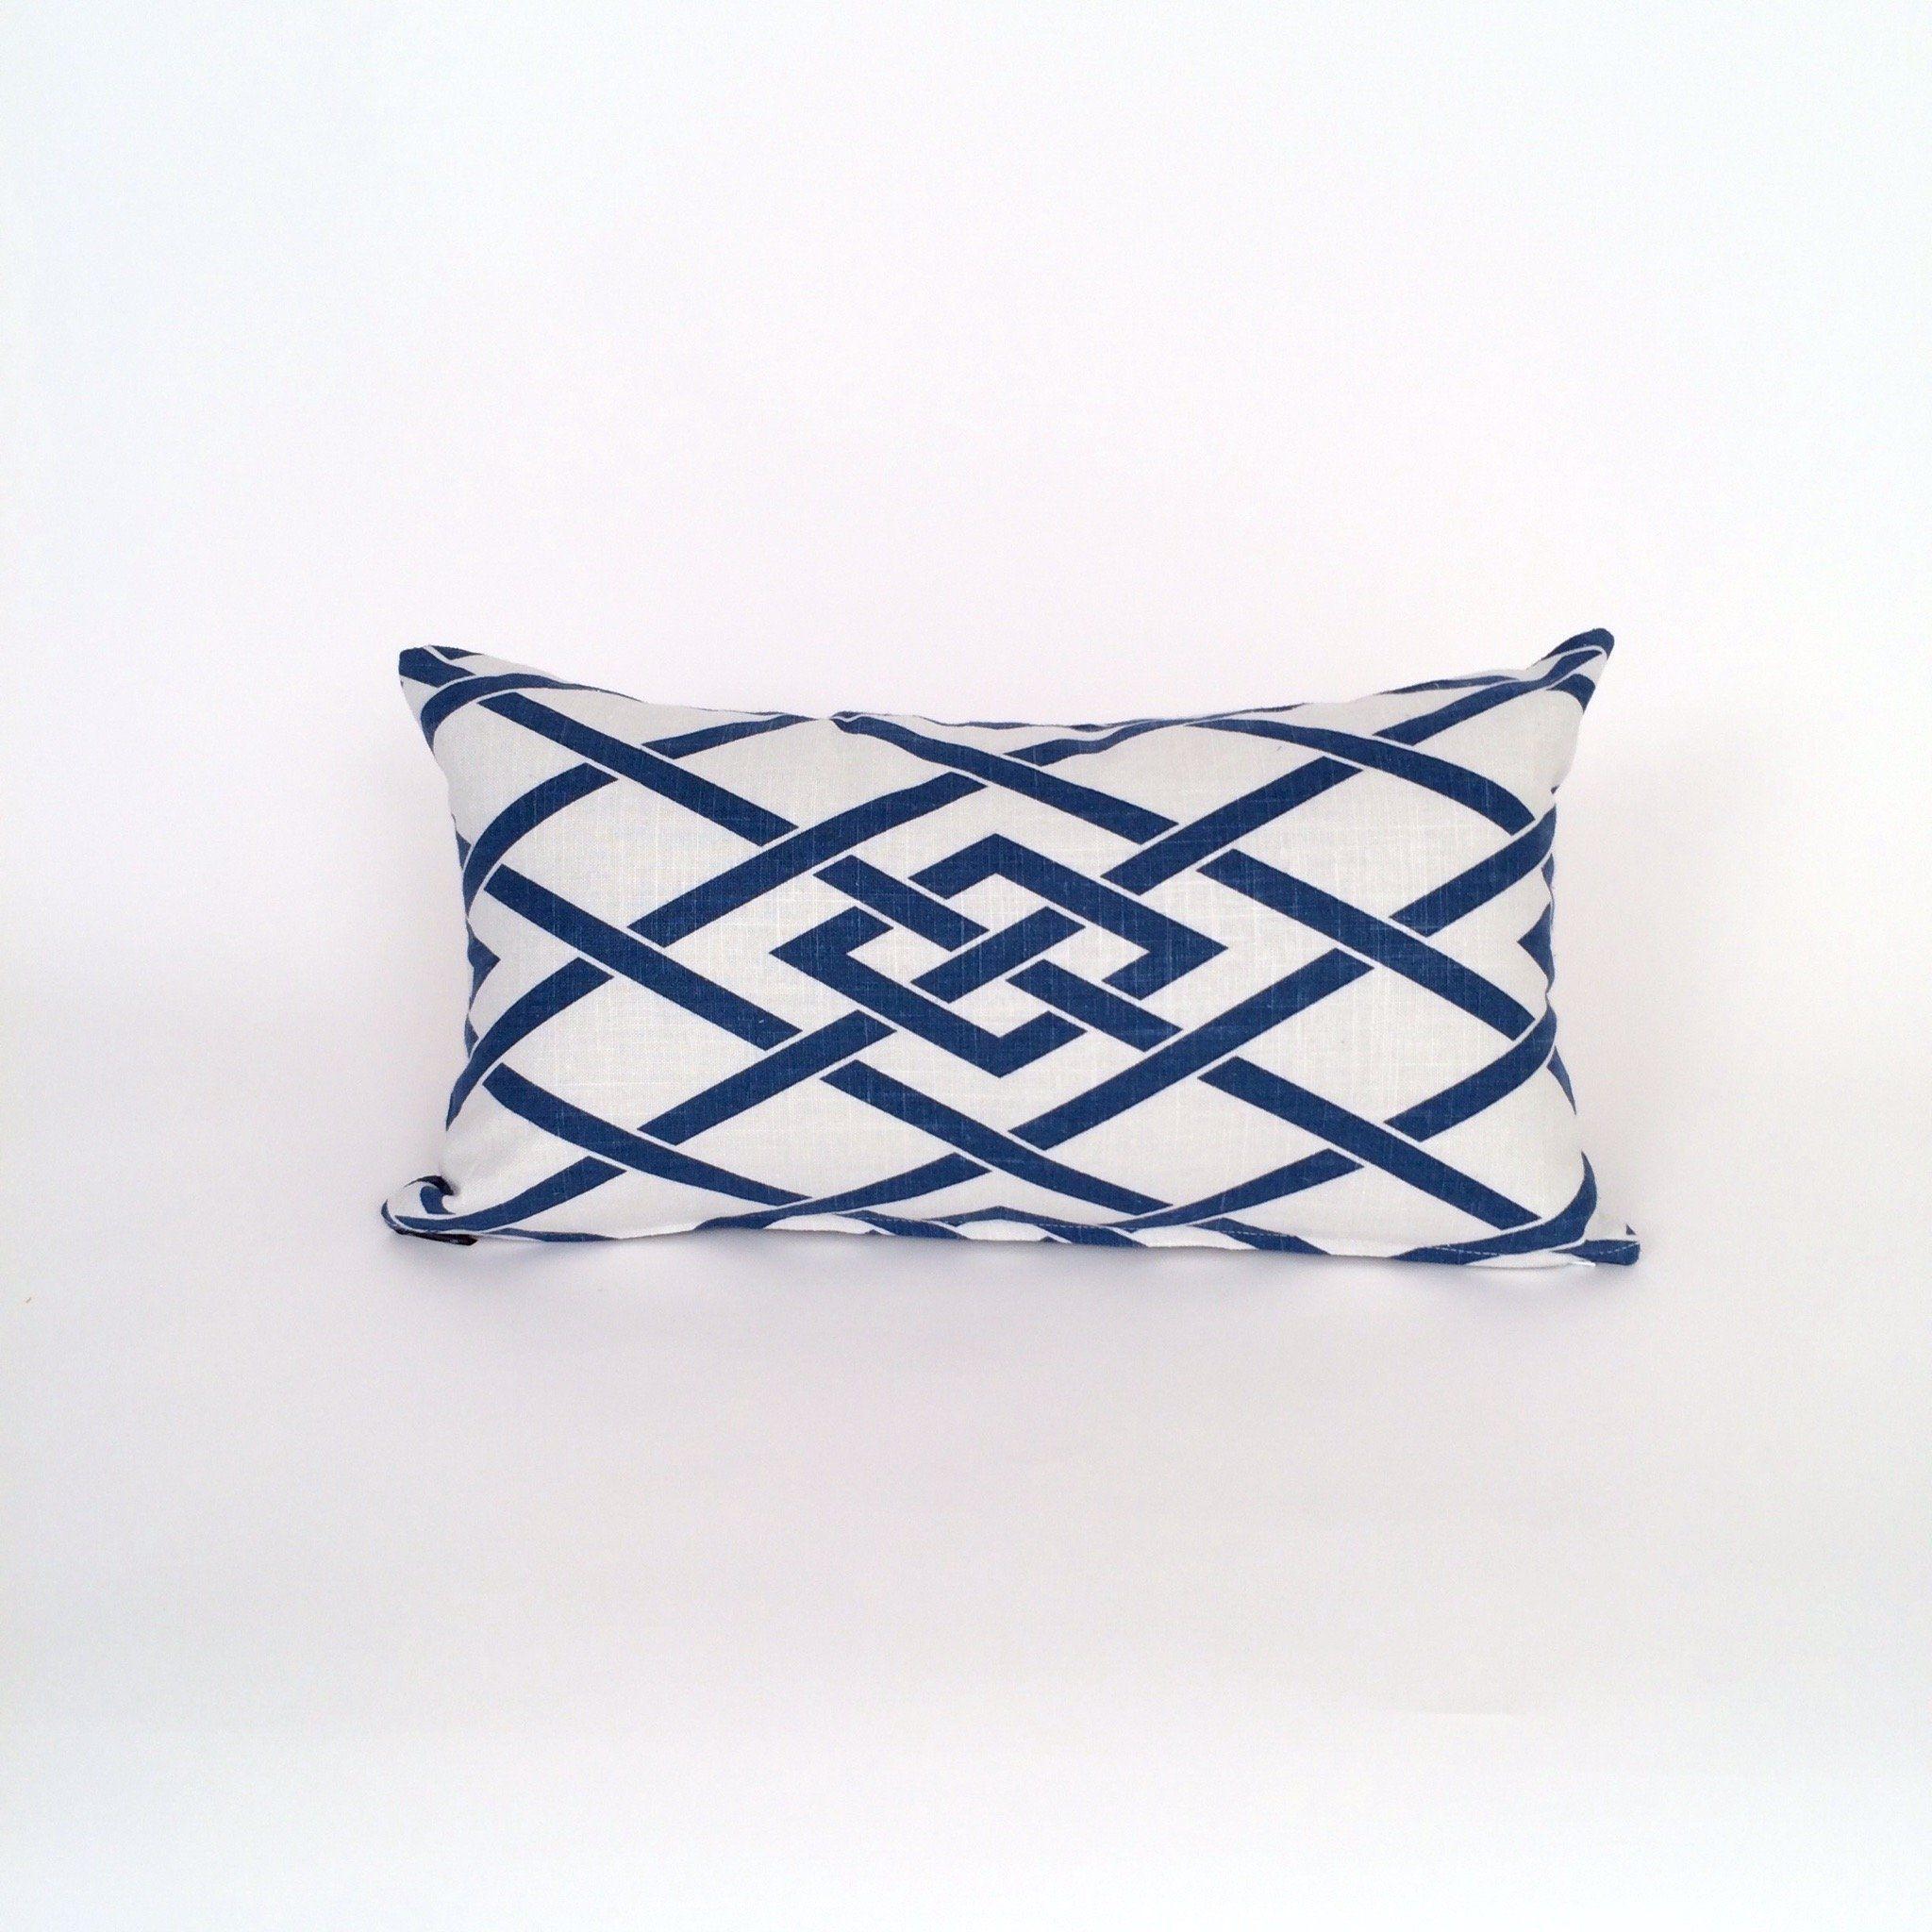 wayfair dr james pillows lumbar pillow reviews pdx decorative decor international